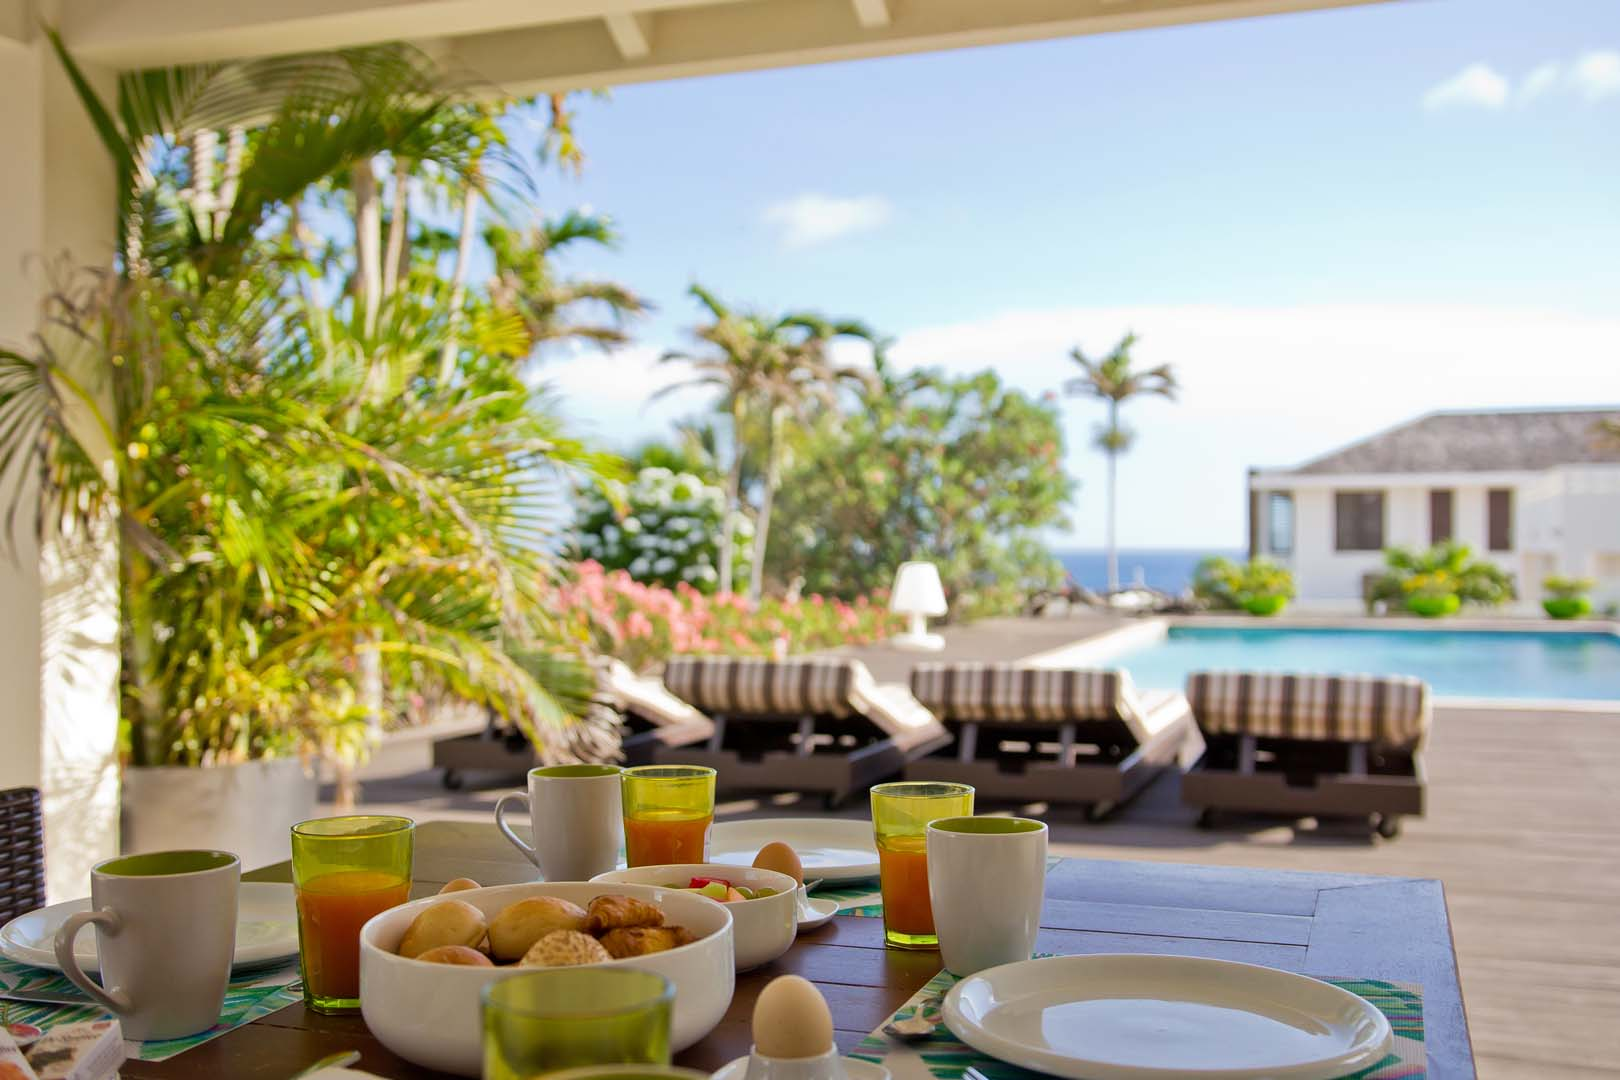 Heerlijk buiten eten met uitzicht op het zwembad